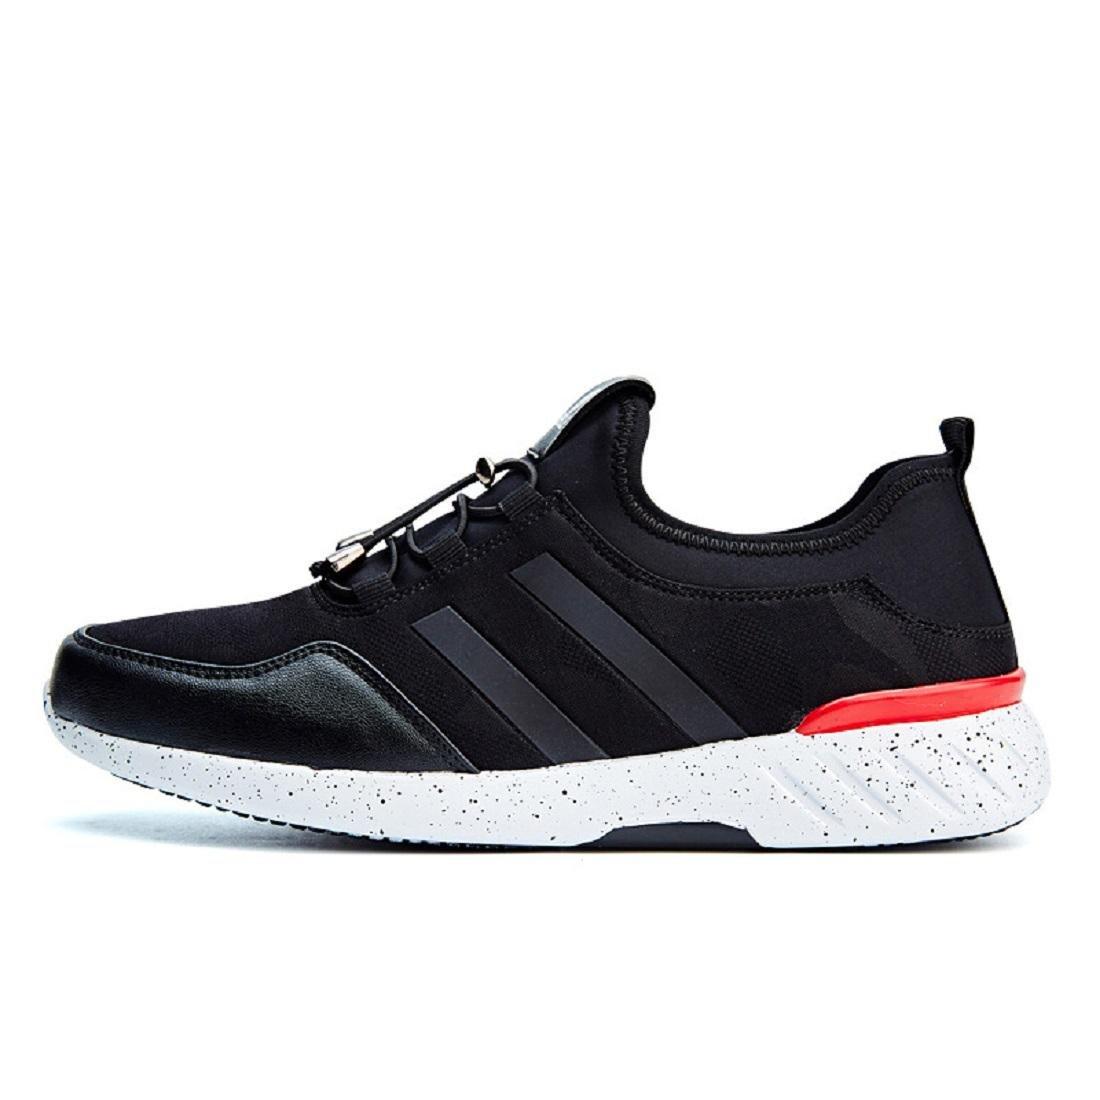 Herren Mode Draussen Sportschuhe Laufschuhe Flache Schuhe Schutz Fuß Trainer Gemütlich Licht Elastizität EUR GRÖSSE 39-44